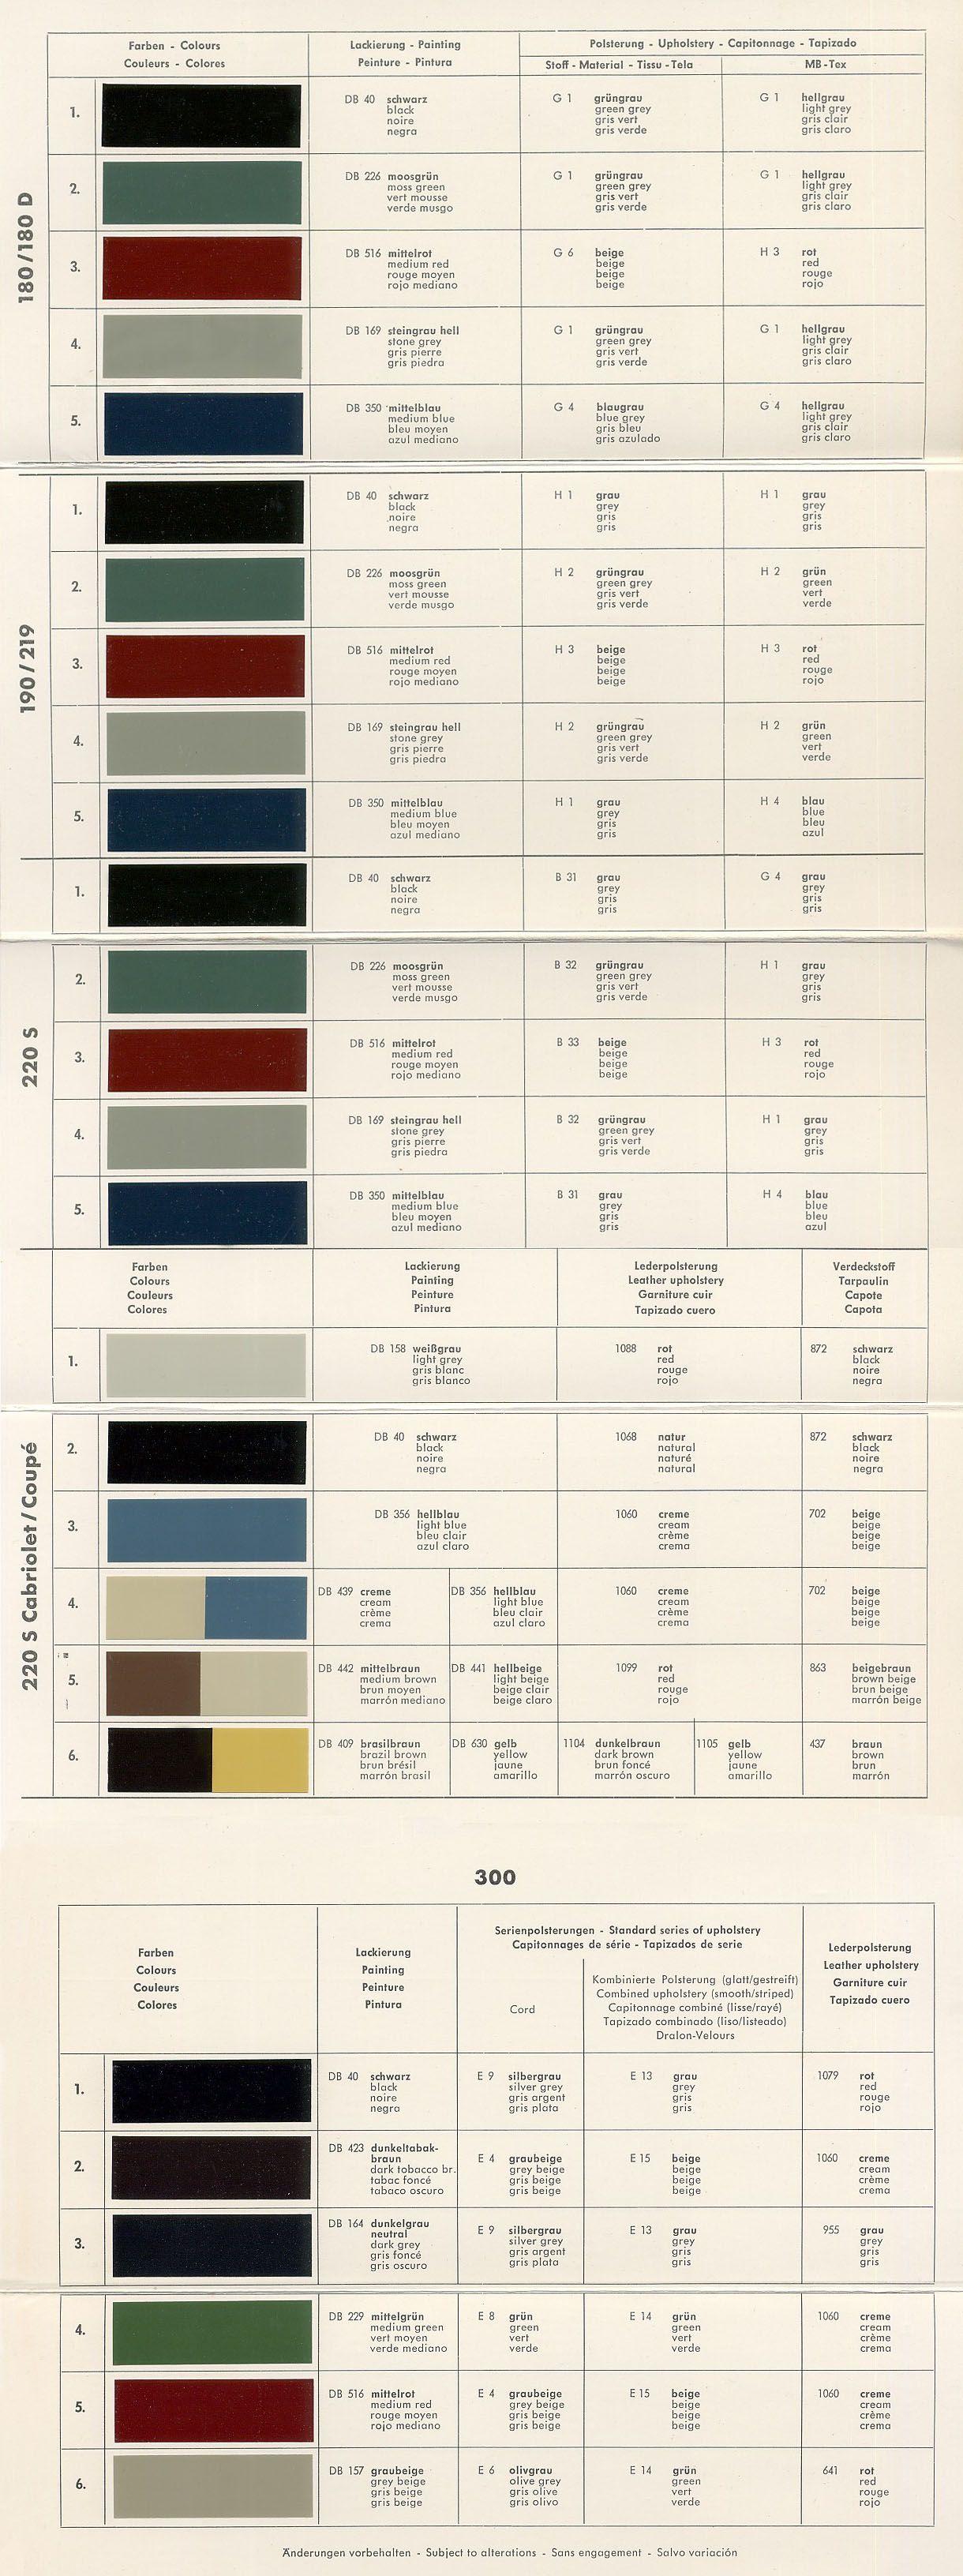 Mercedes Benz Ponton Paint Codes Color Charts Mbzponton